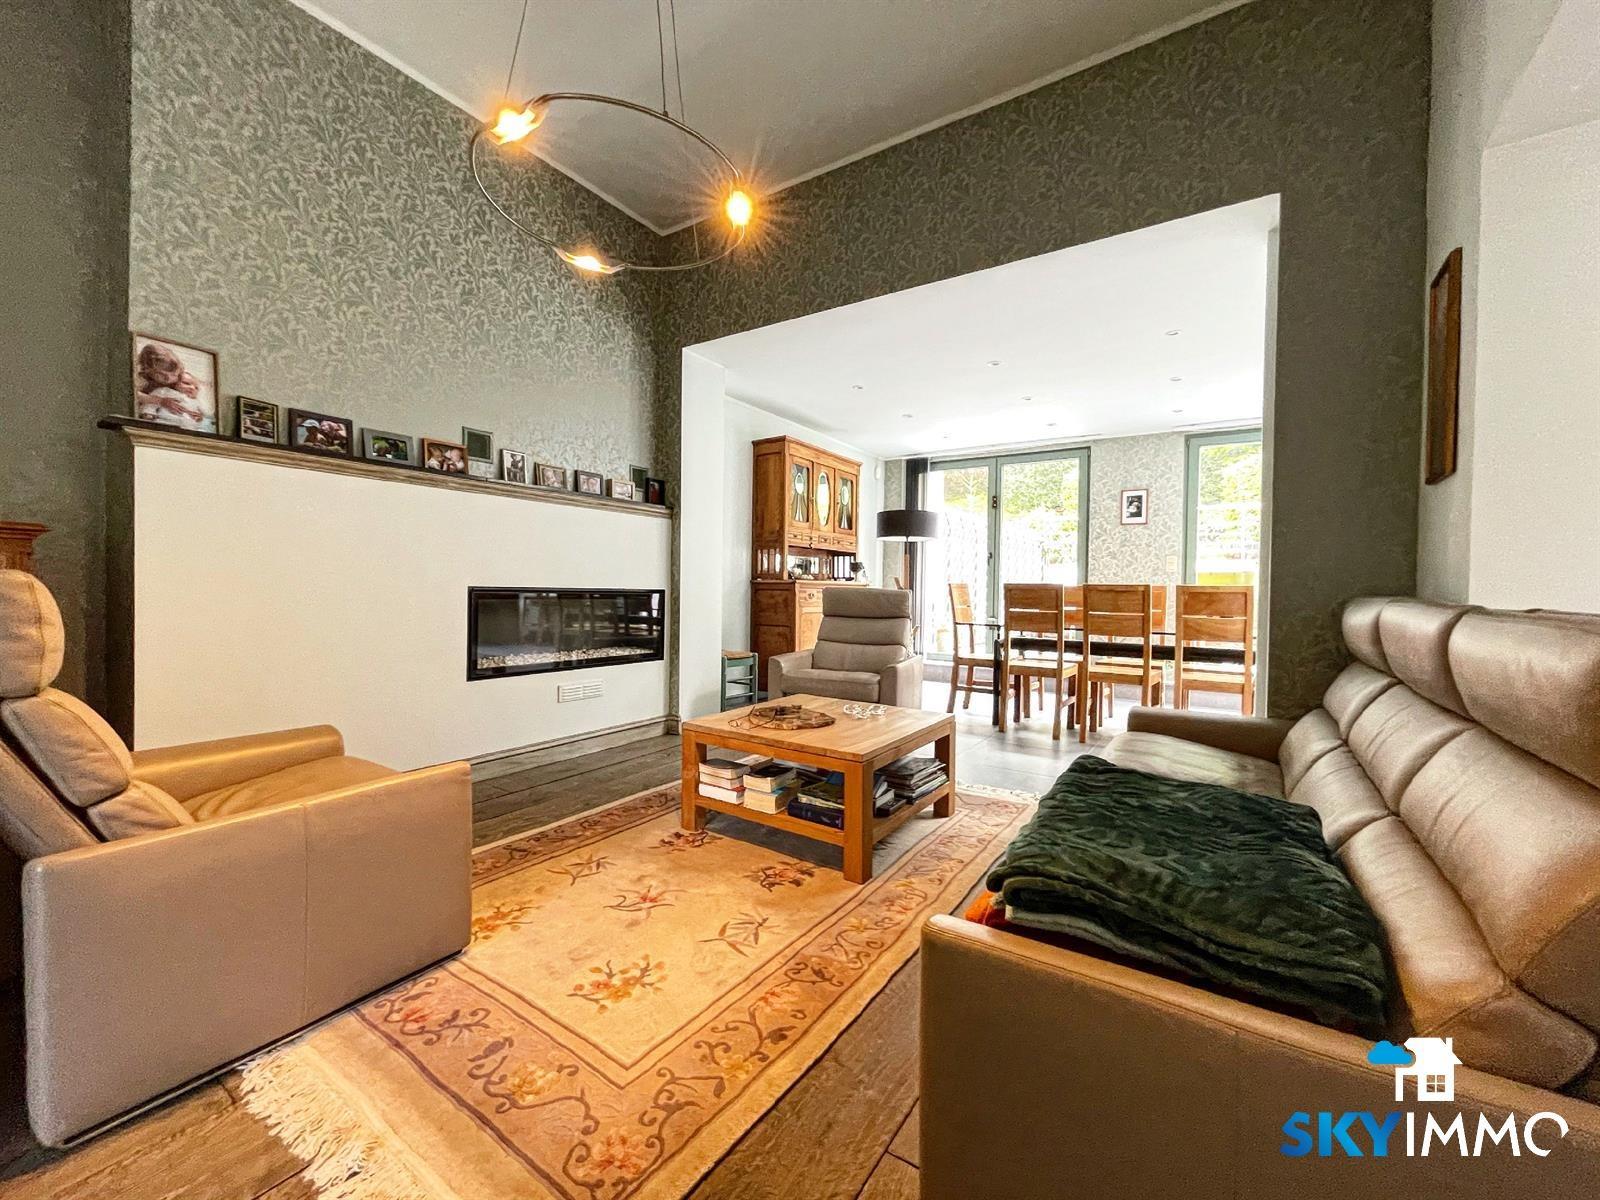 Huis - Liege - #4355252-7